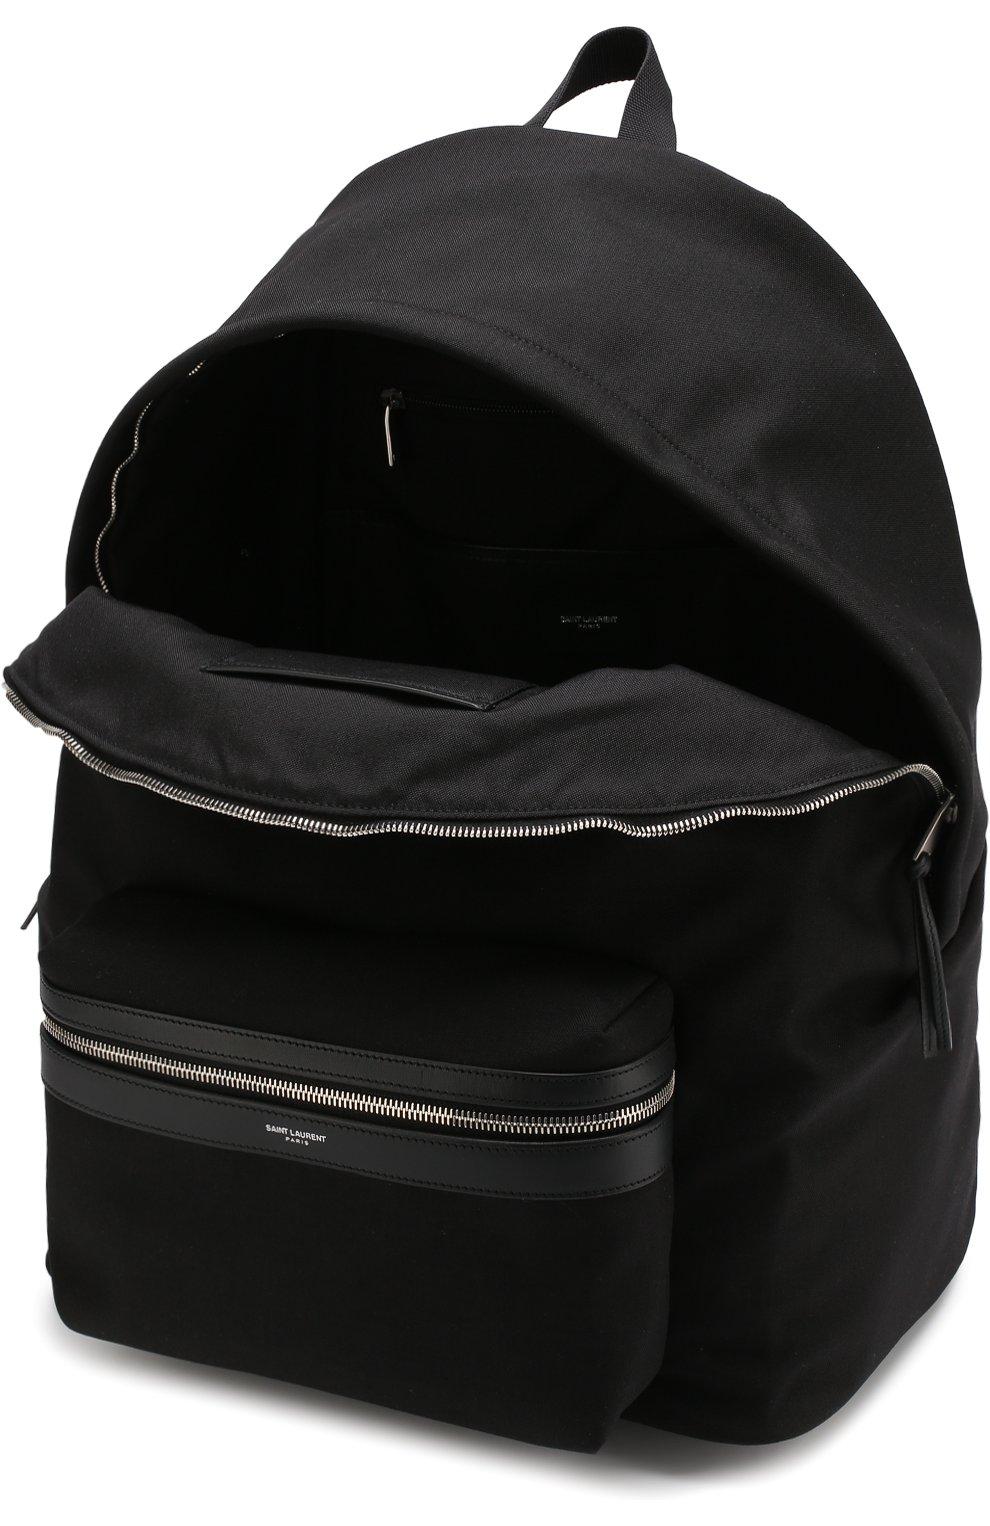 Текстильный рюкзак City с внешним карманом на молнии Saint Laurent черный | Фото №4